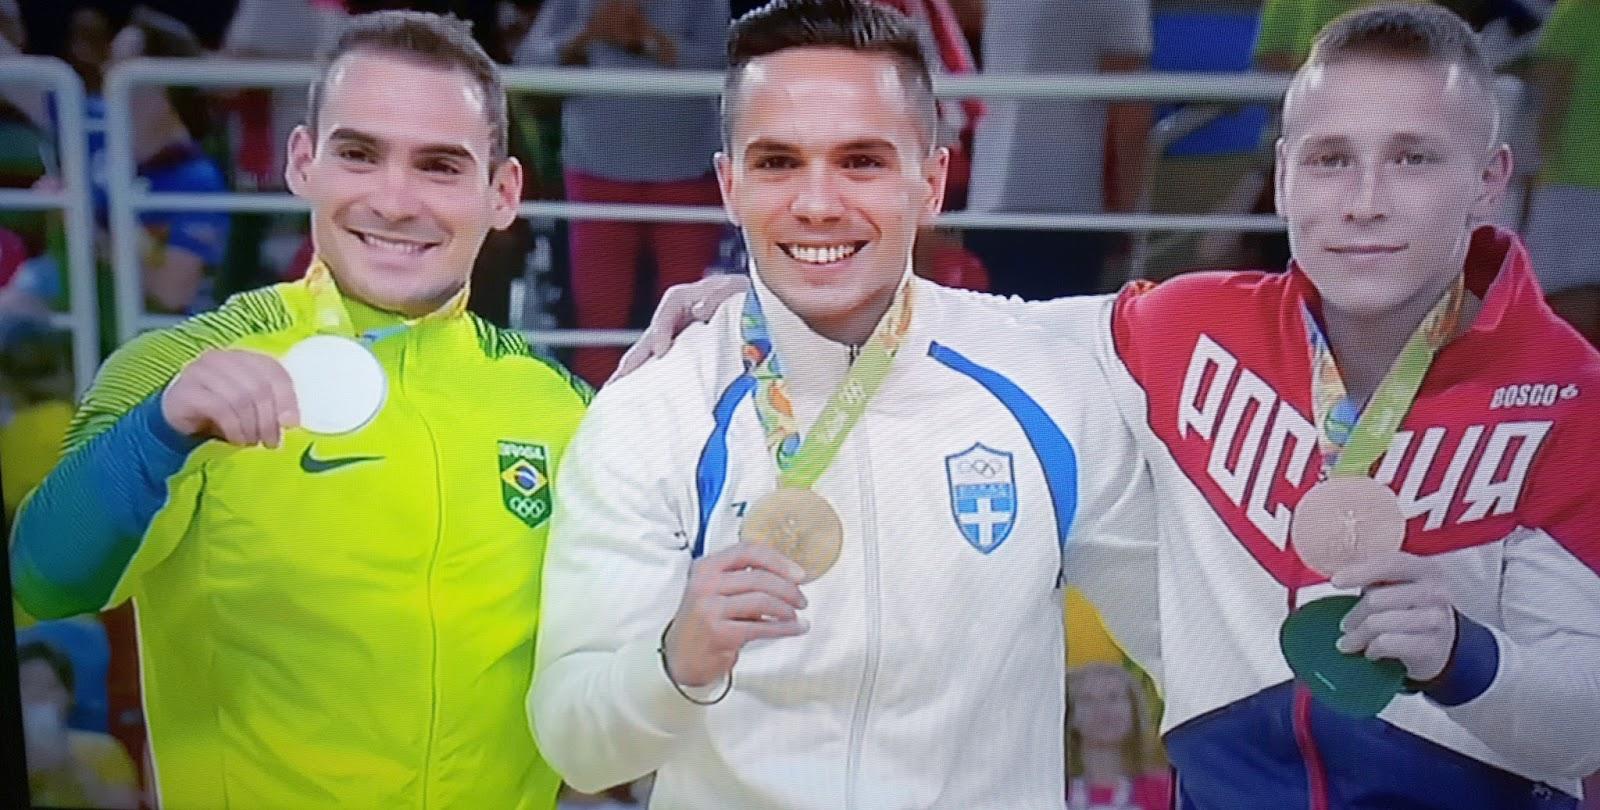 Petrounias2BGold Τι σχέση έχει ο Χρυσός Ολυμπιονίκης στους κρίκους Λευτέρης Πετρούνιας με το Nissan JUKE; Nissan, Nissan Juke, videos, Ολυμπιακοί αγώνες